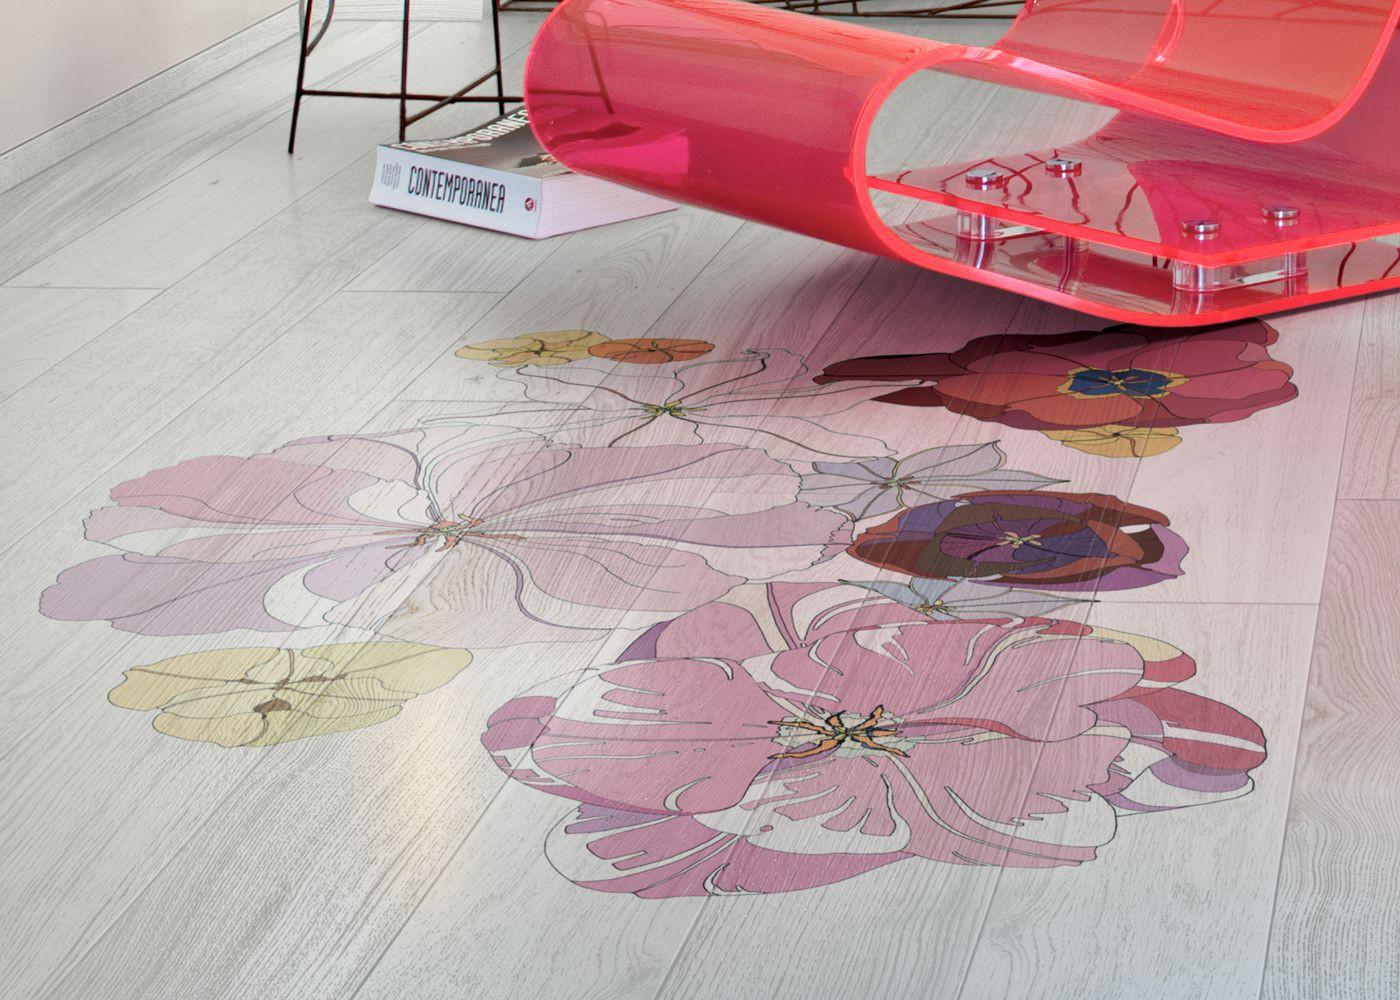 Parquet Contrecollé Panneau Decoratif Chêne G4 PR Bis Contemporain Vernis Brossé Mat Teinte Blanche (sw)- Design Tulipae Gemini 4 (van Der Hist )- Pefc - Fsc- Format 1000/ 1700mm